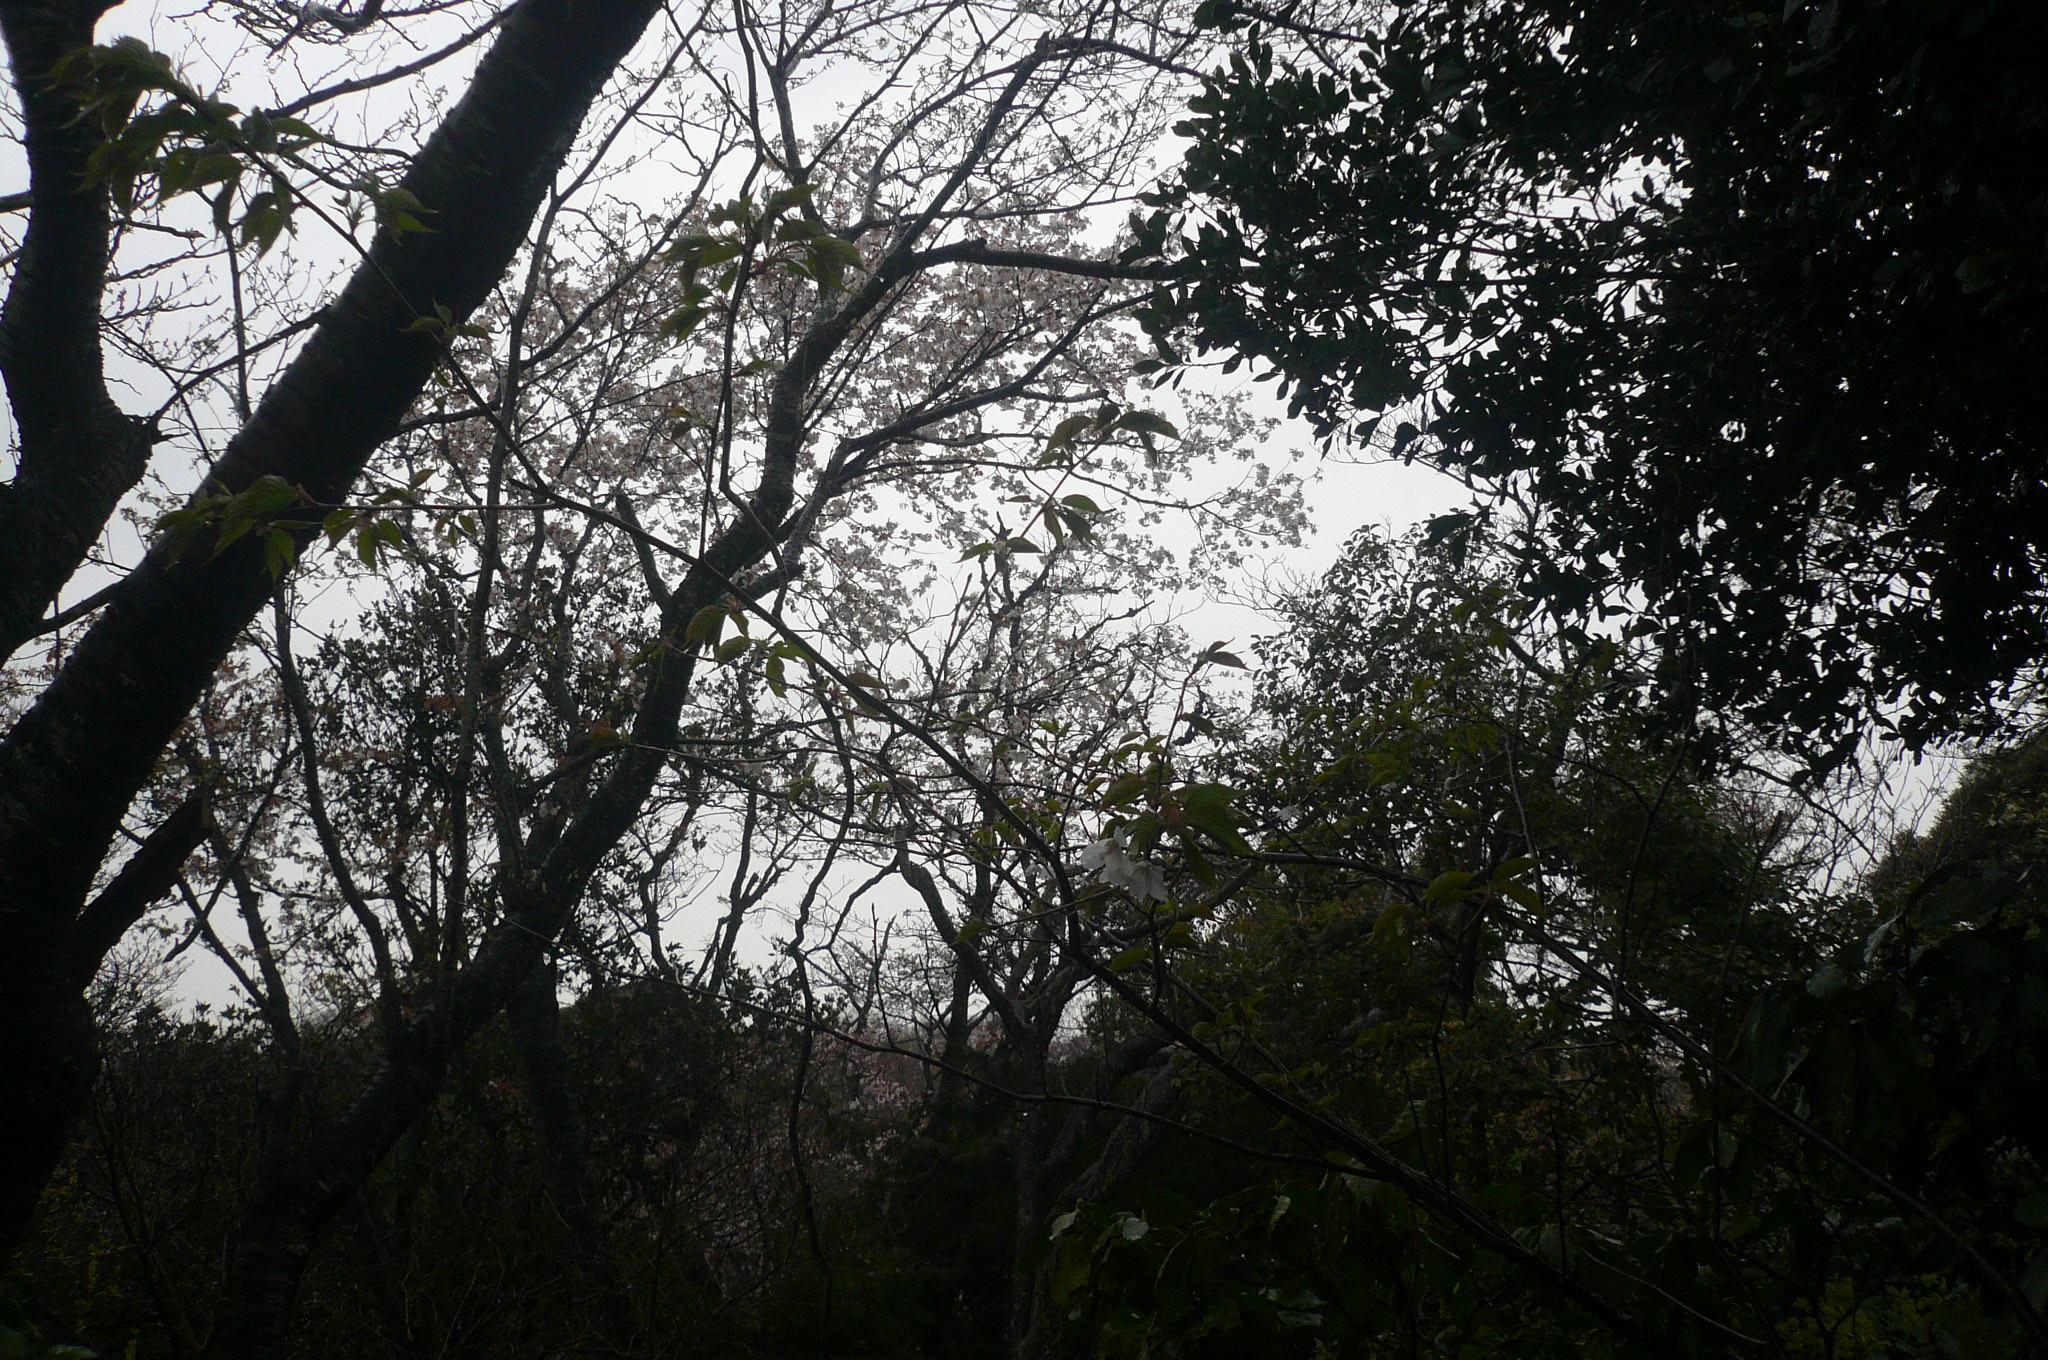 暗くてうまく撮れませんでしたが3分咲来週末見ごろ